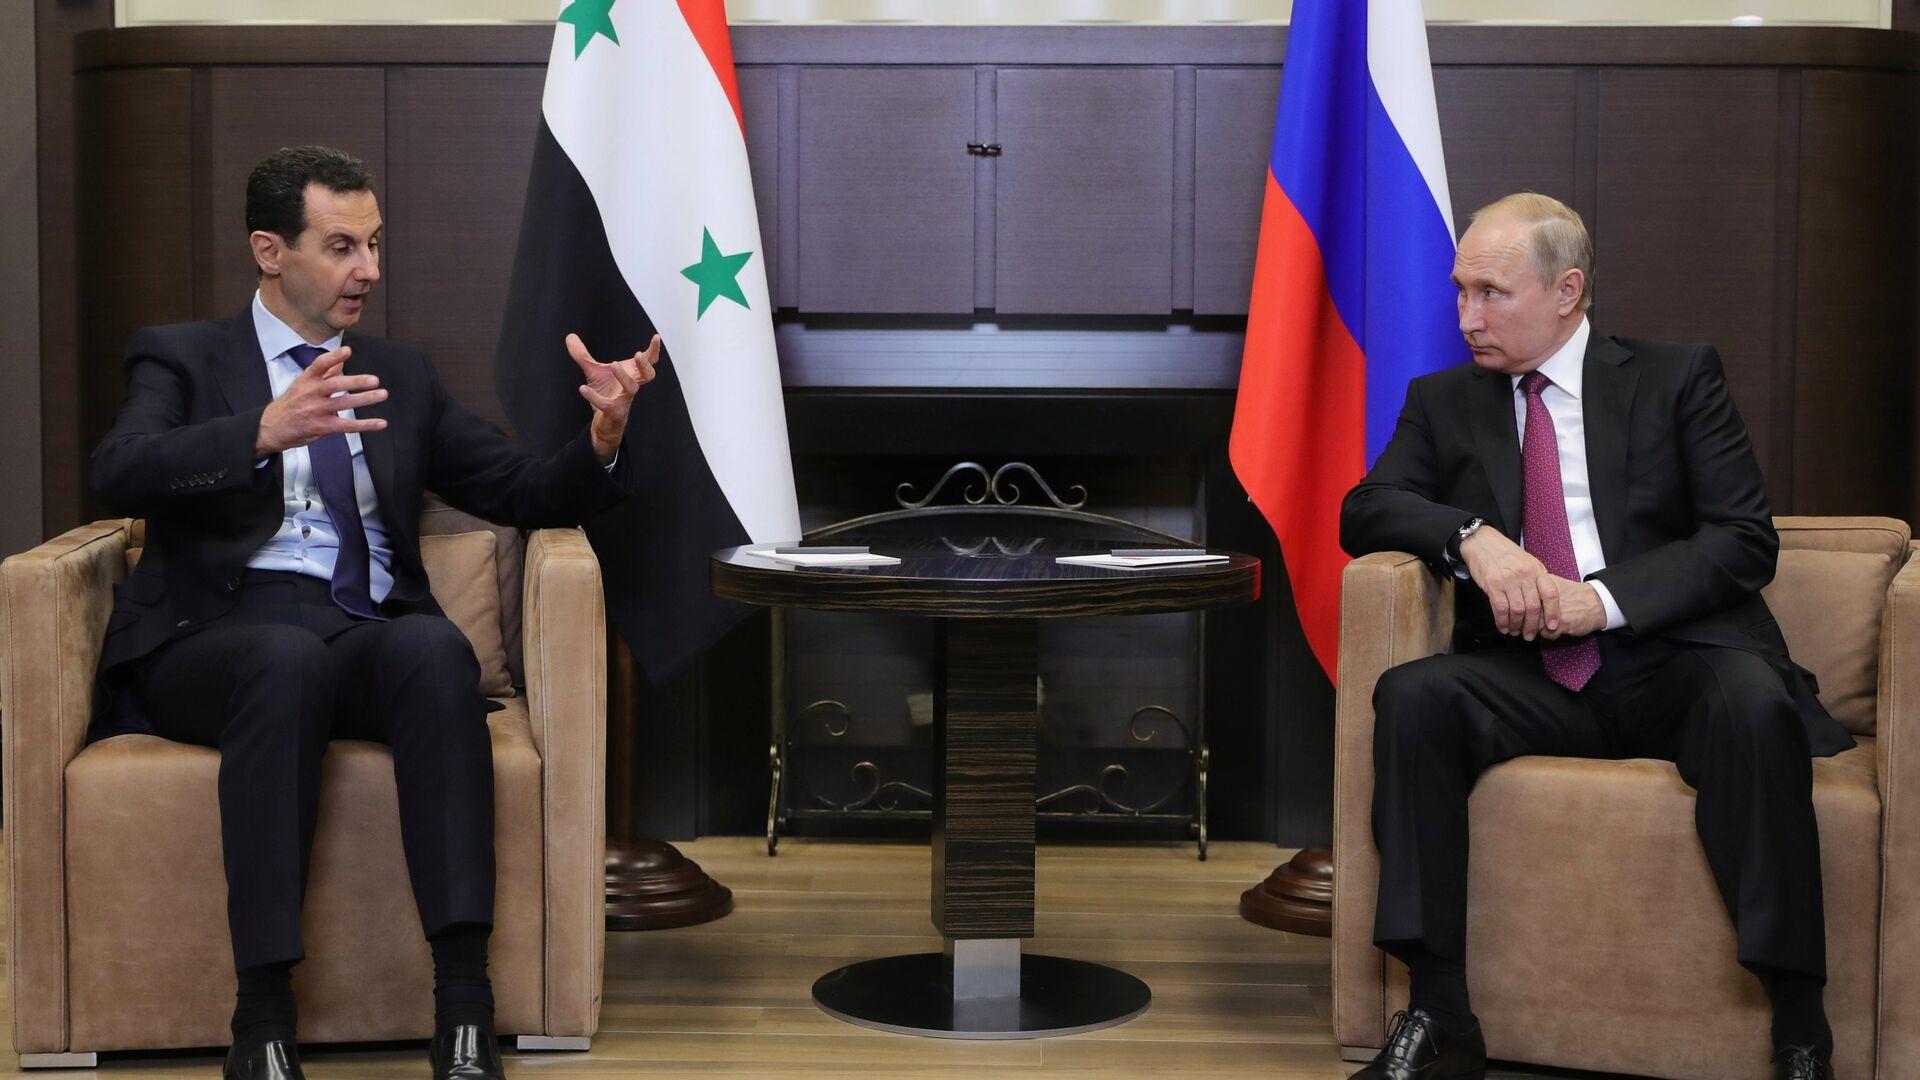 Президент РФ Владимир Путин и президент Сирийской арабской республики Башар Асад во время встречи. 17 мая 2018 - РИА Новости, 1920, 14.09.2021